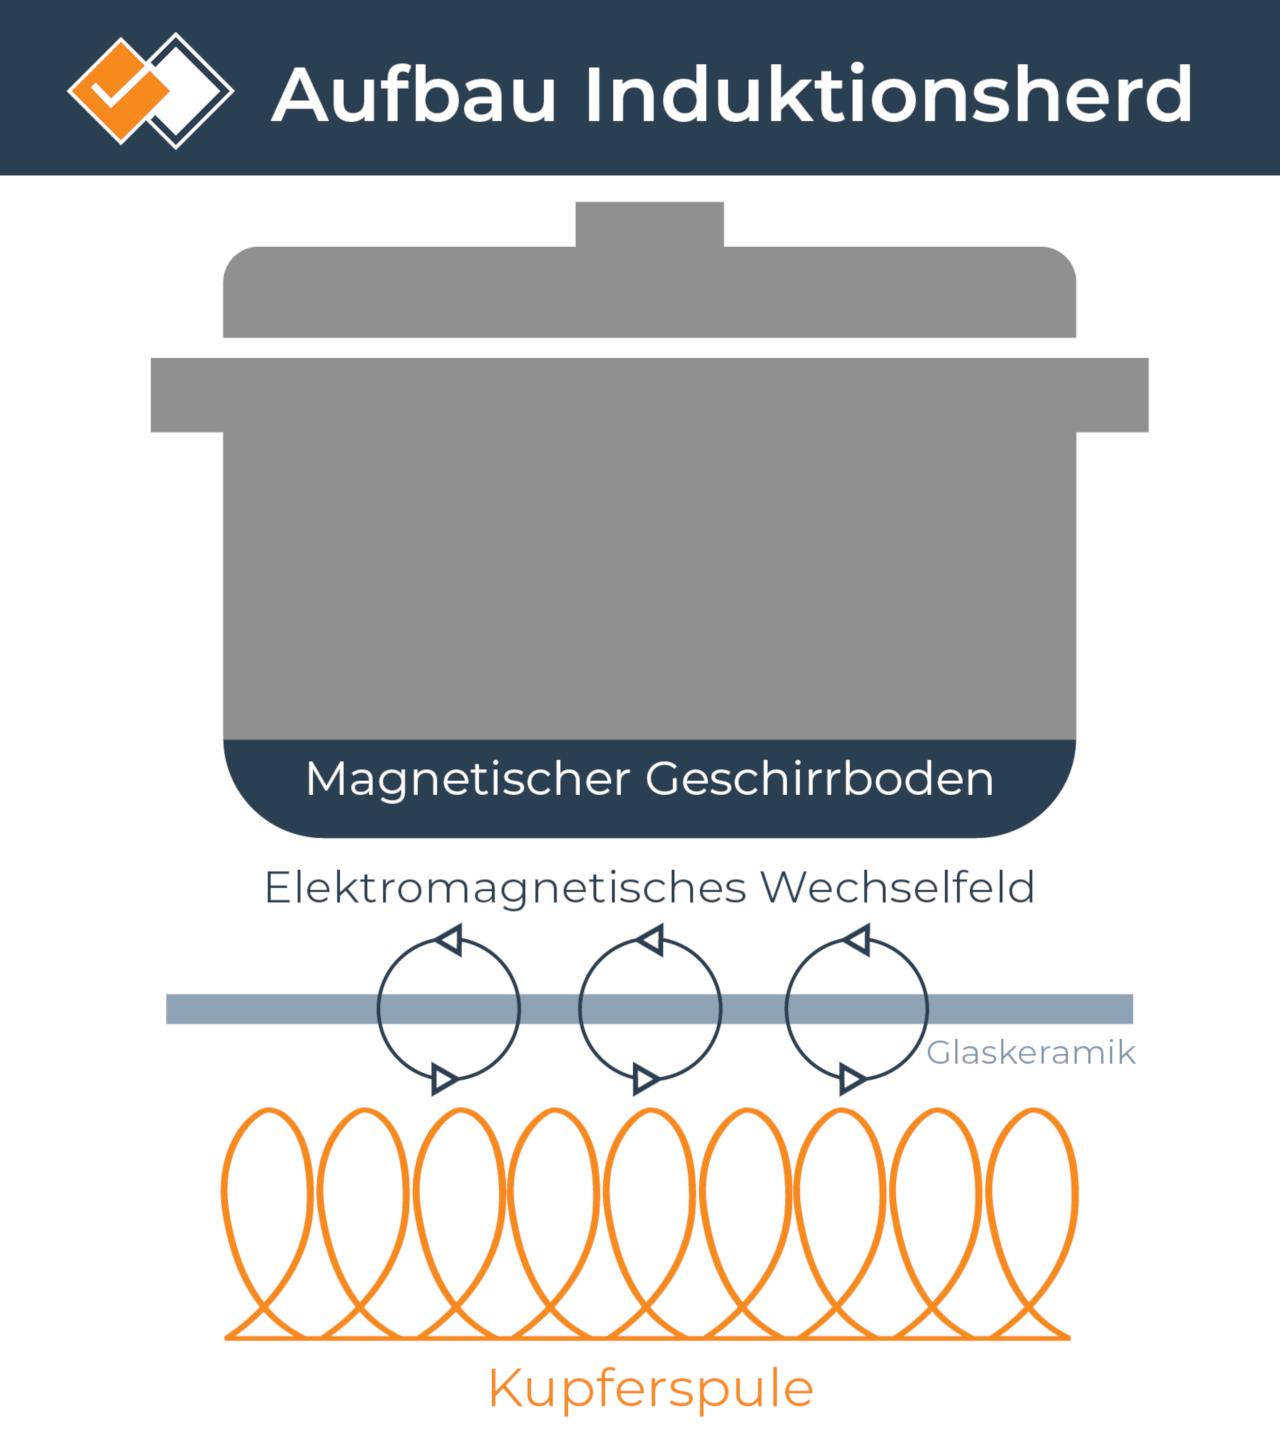 Infografik zur Funktionsweise eines Induktionherds